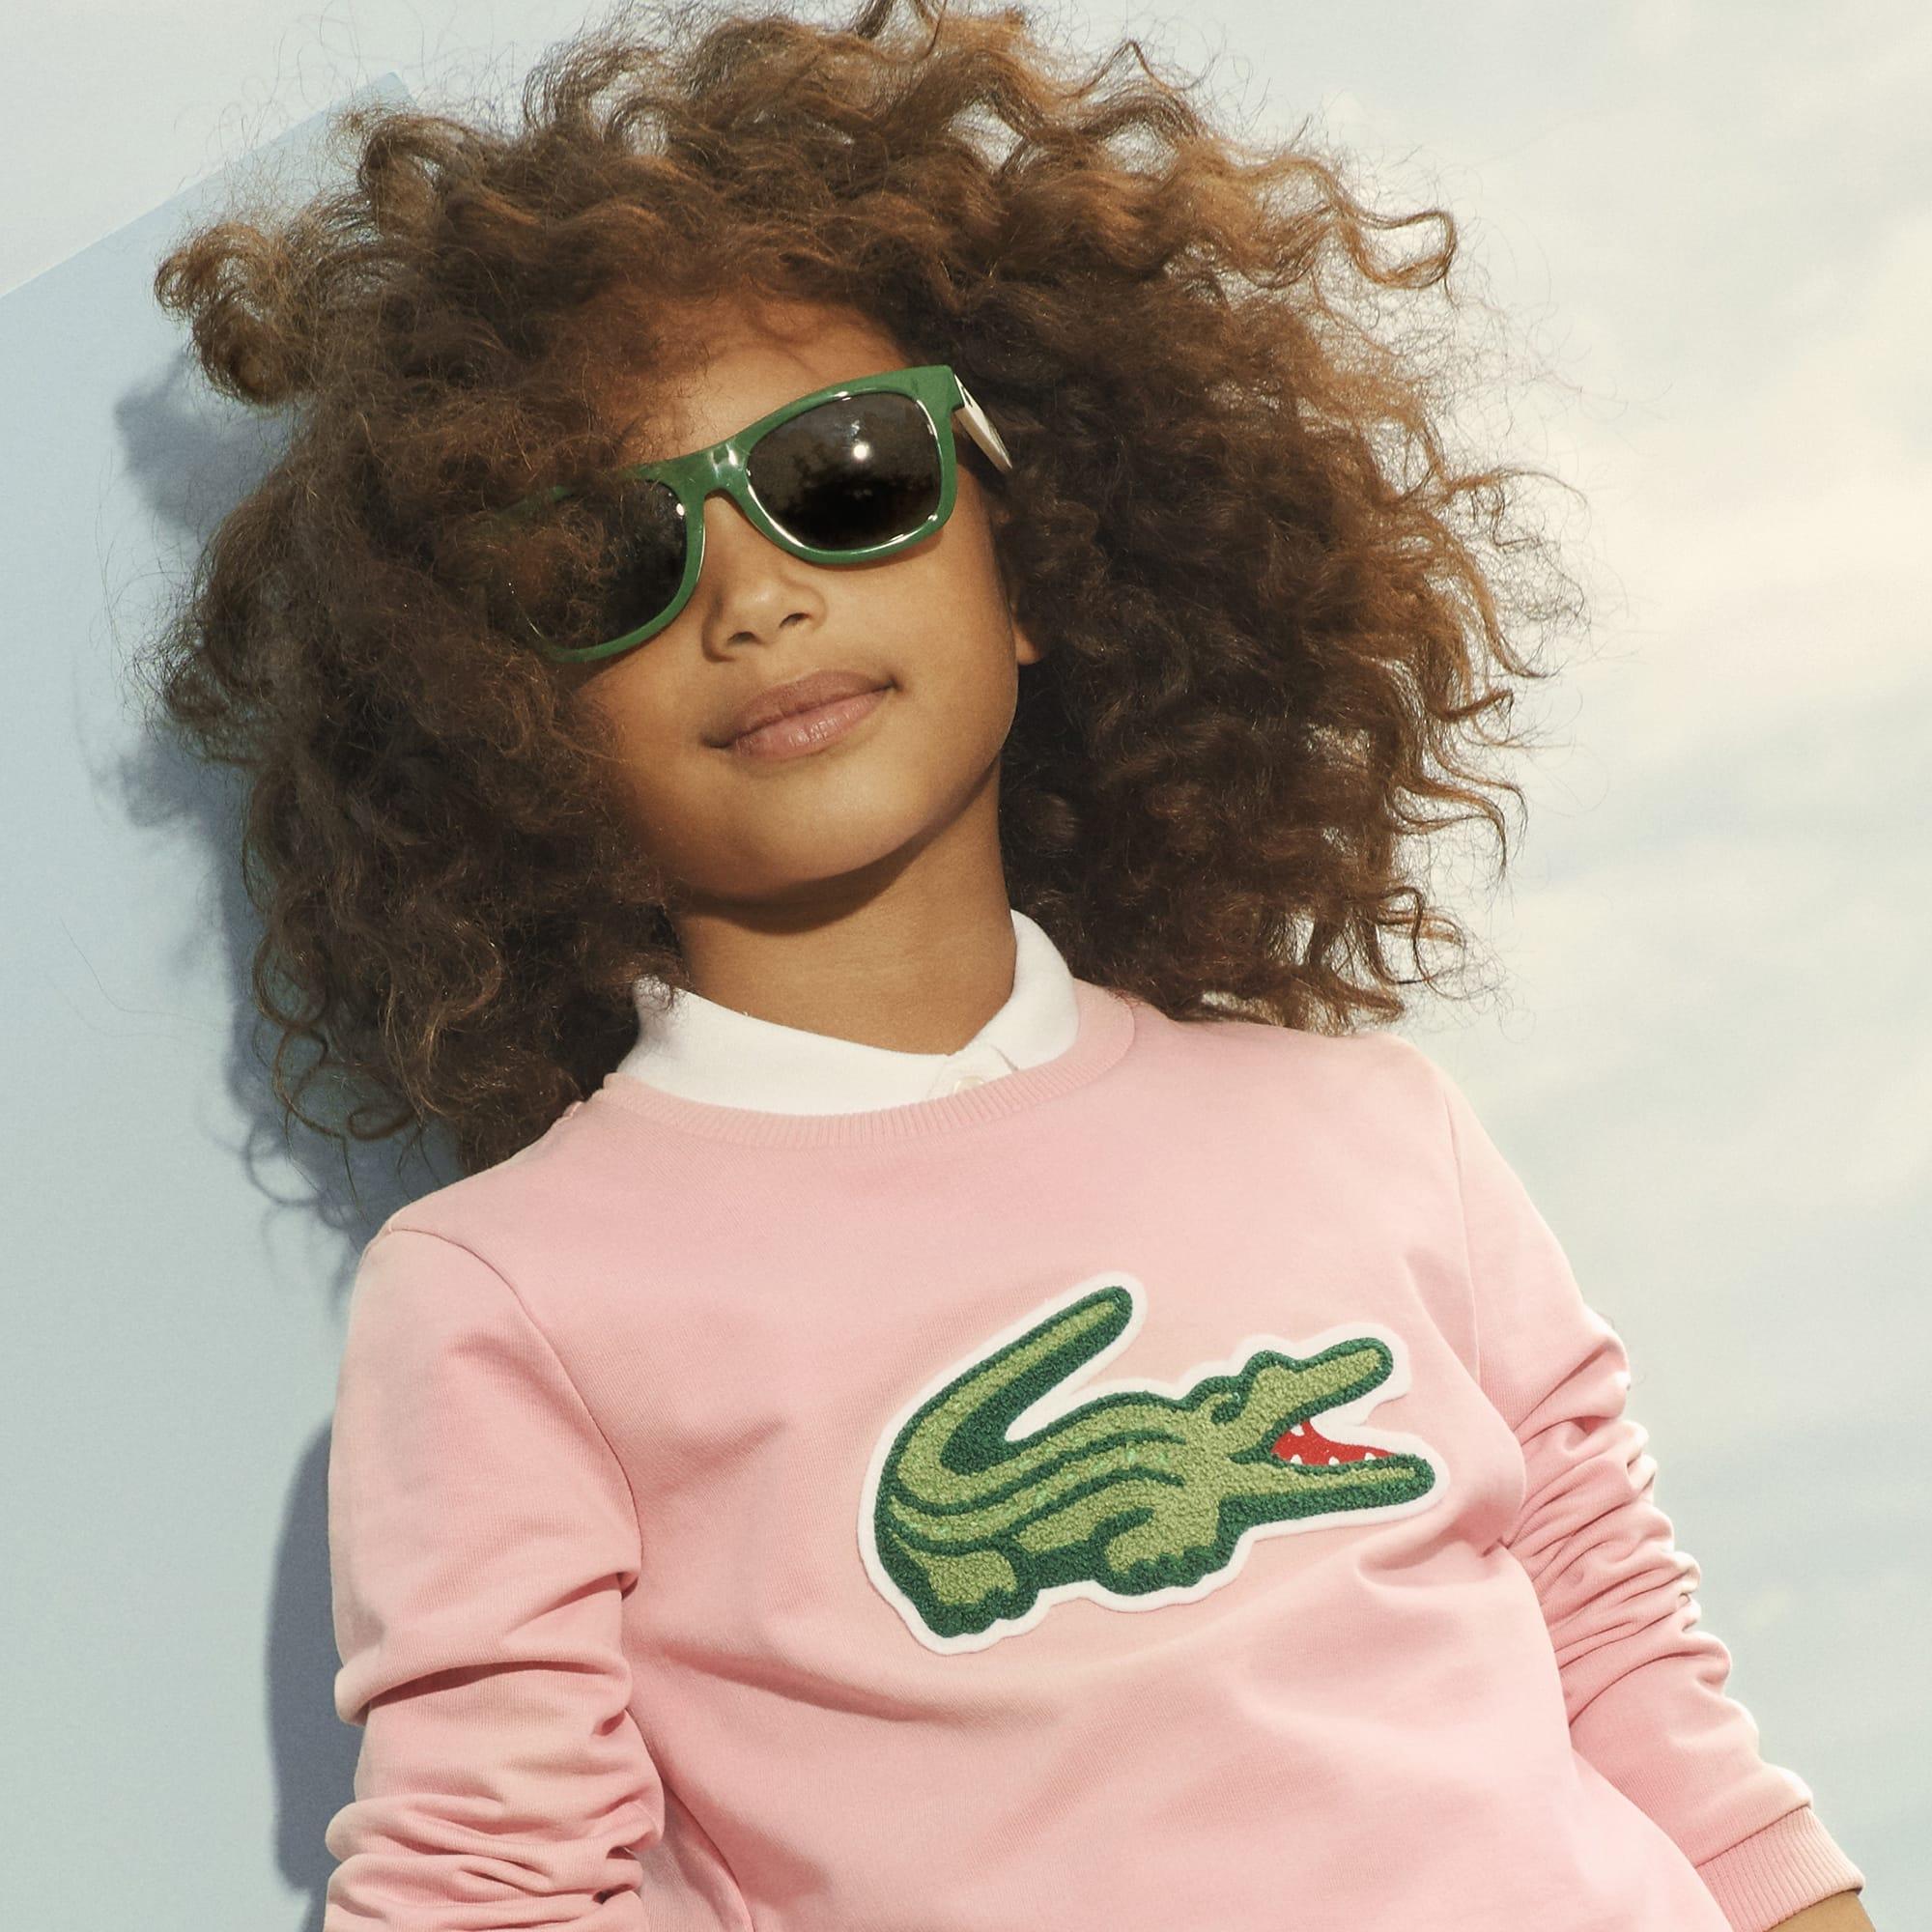 Girls' Oversized Crocodile Sweatshirt